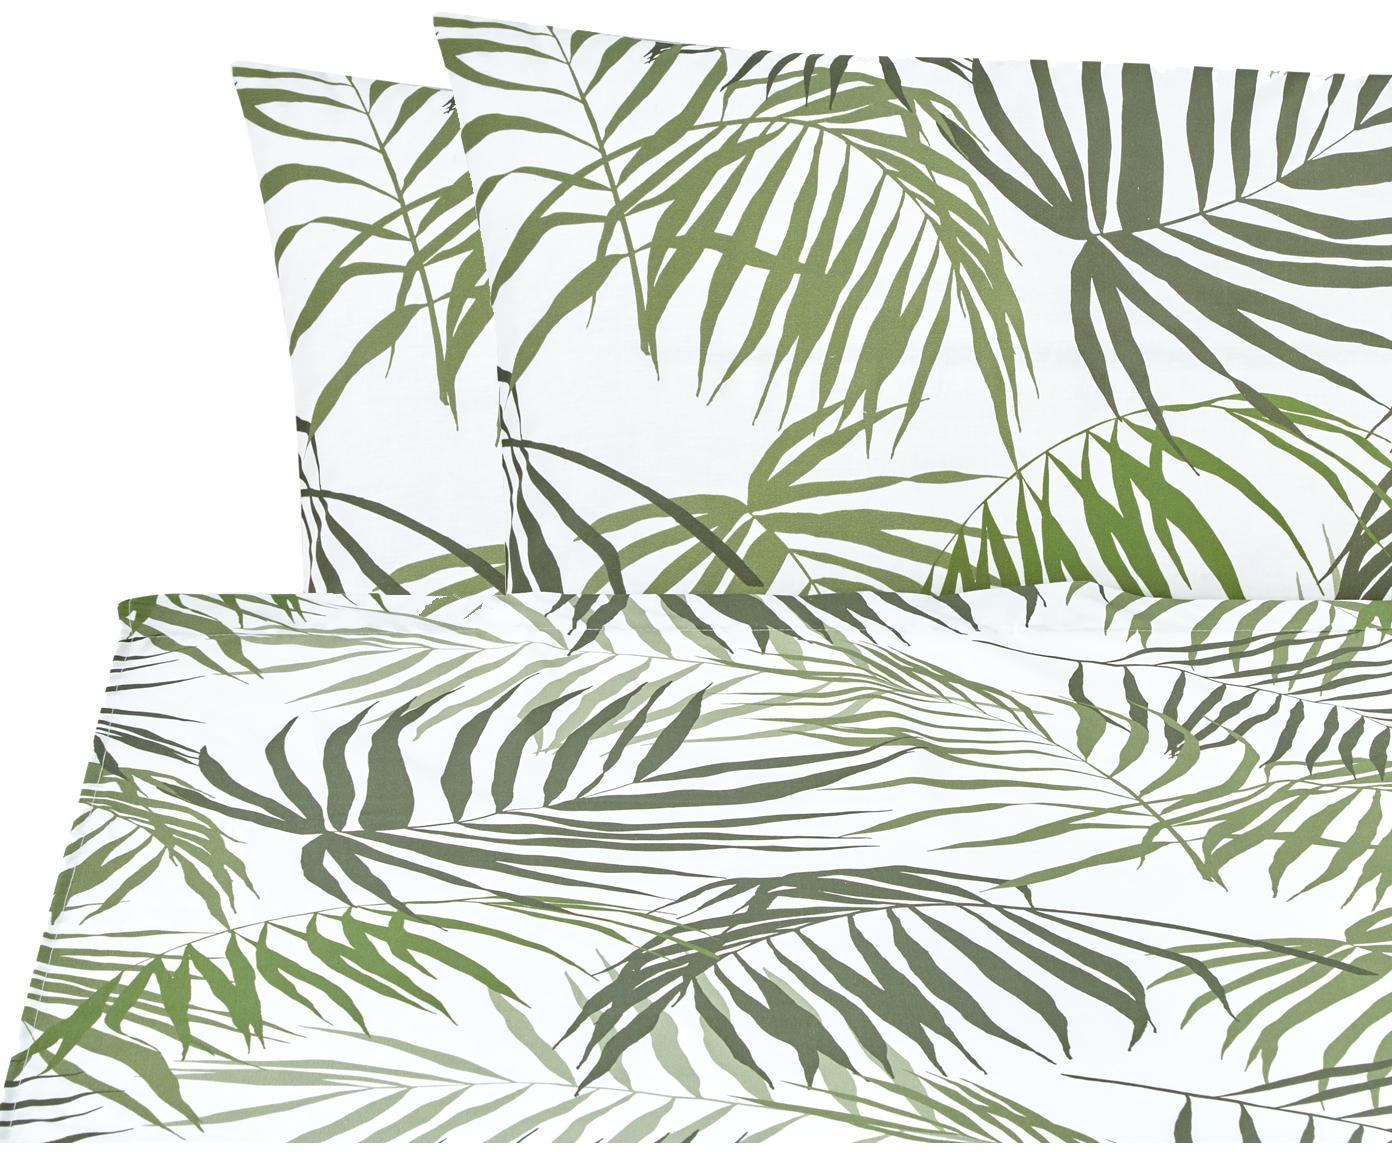 Set lenzuola in cotone Dalor 2 pz, Cotone, Verde, bianco, 240 x 270 cm